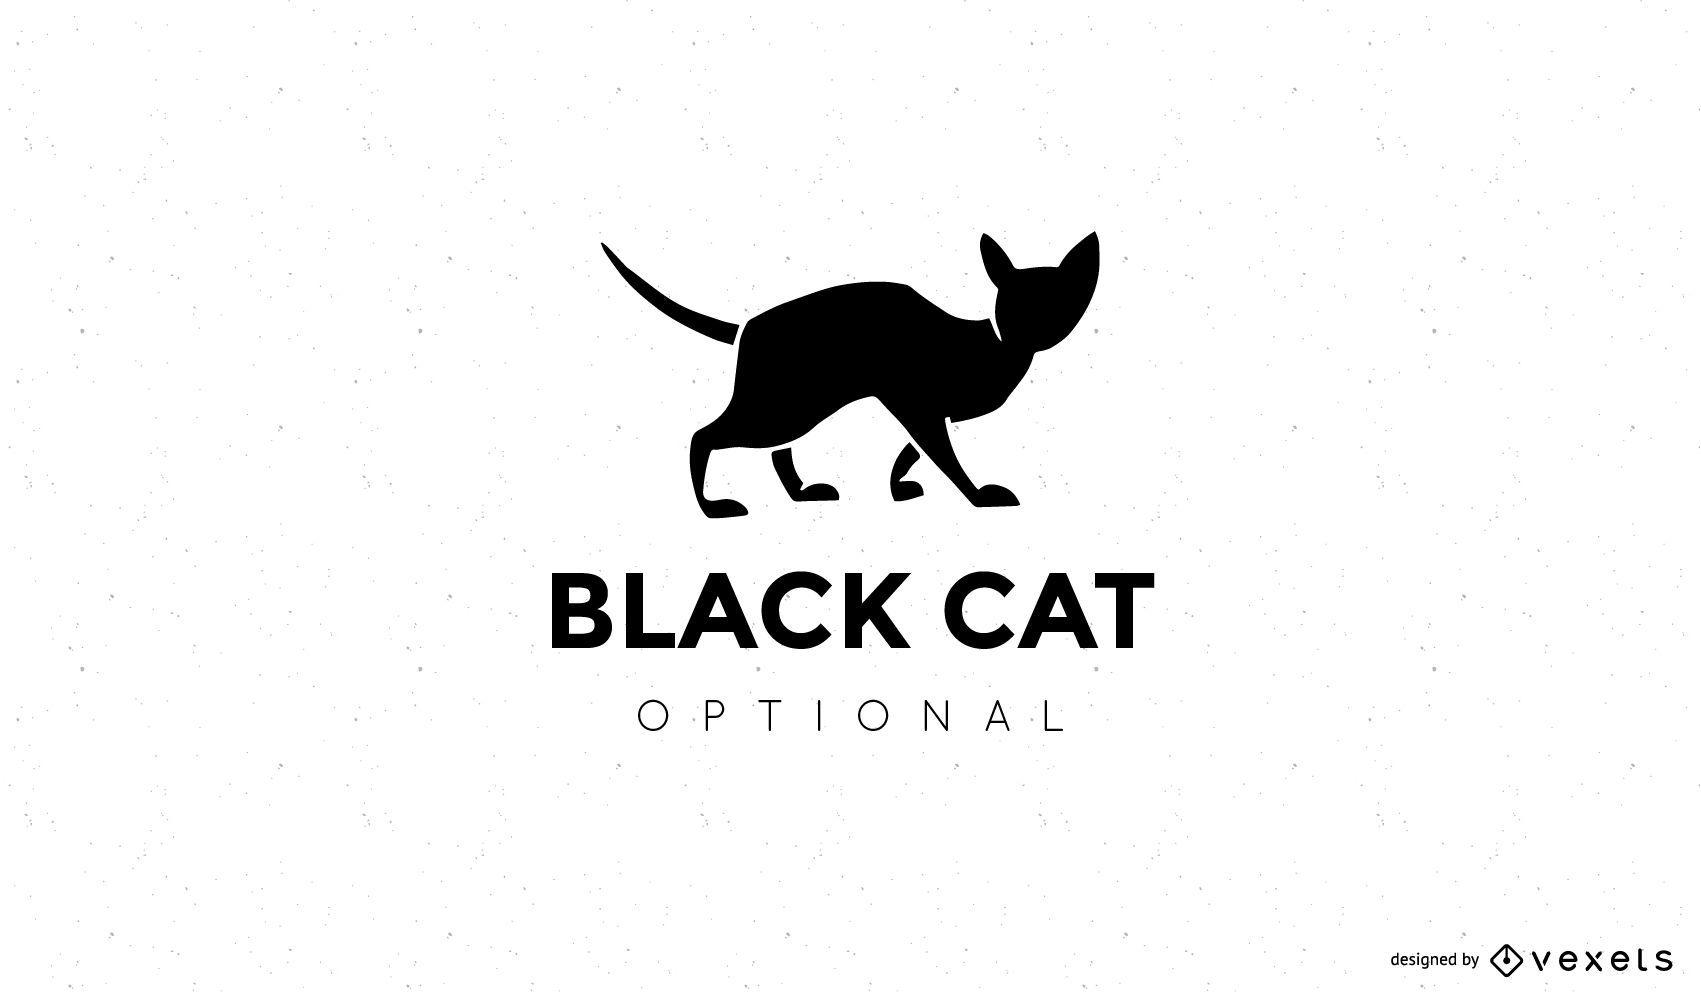 Black Cat Silhouette Logo Design